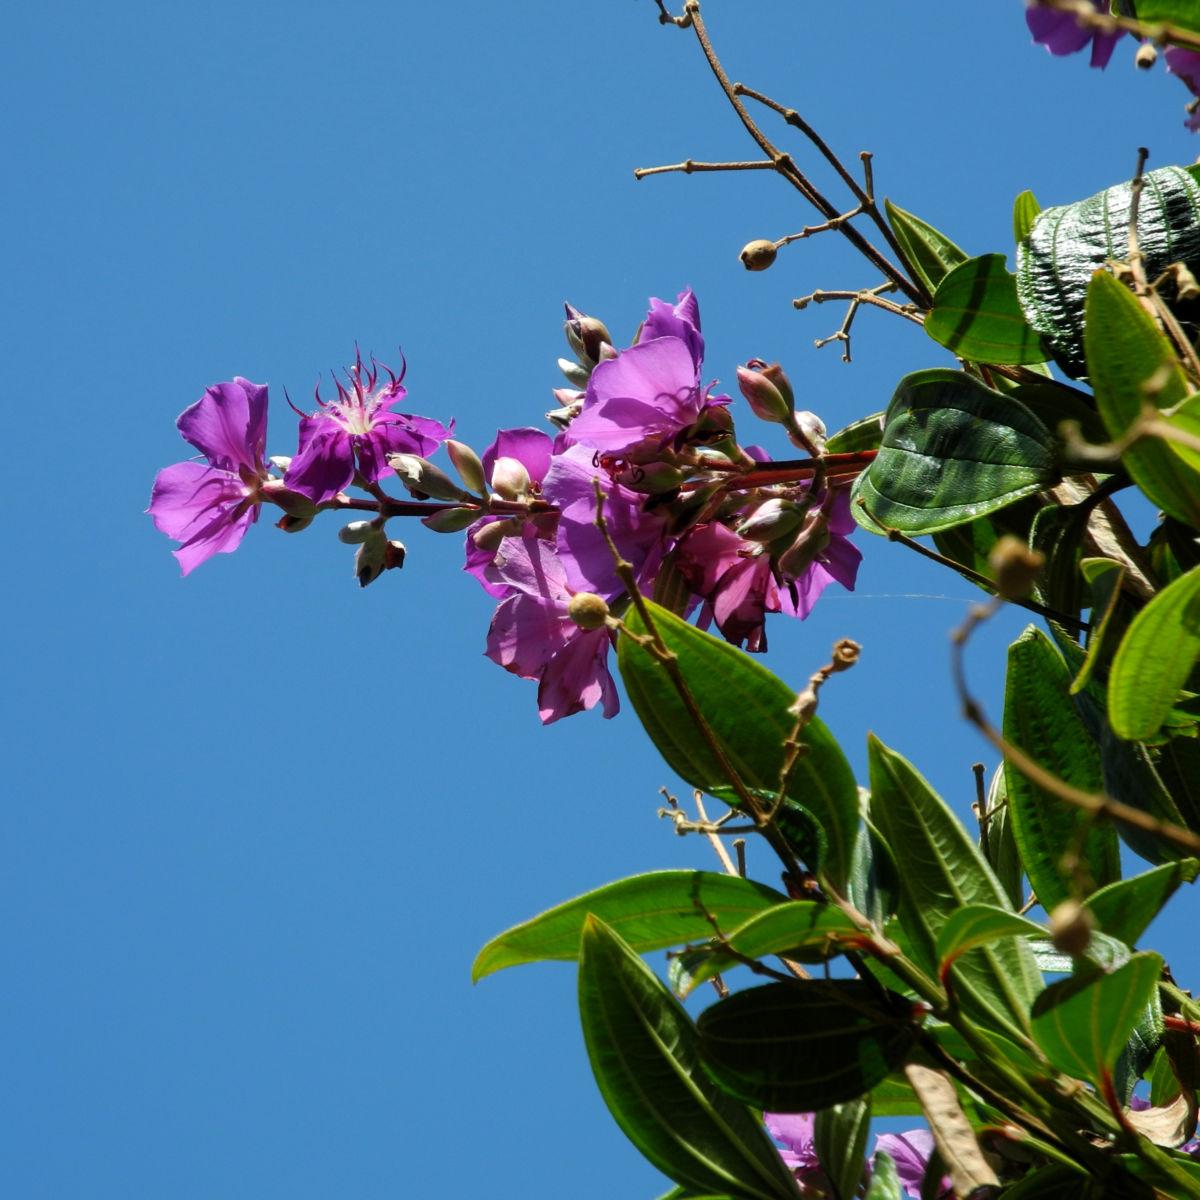 Prinzessinnenblume Bluete lila Tibouchina granulosa